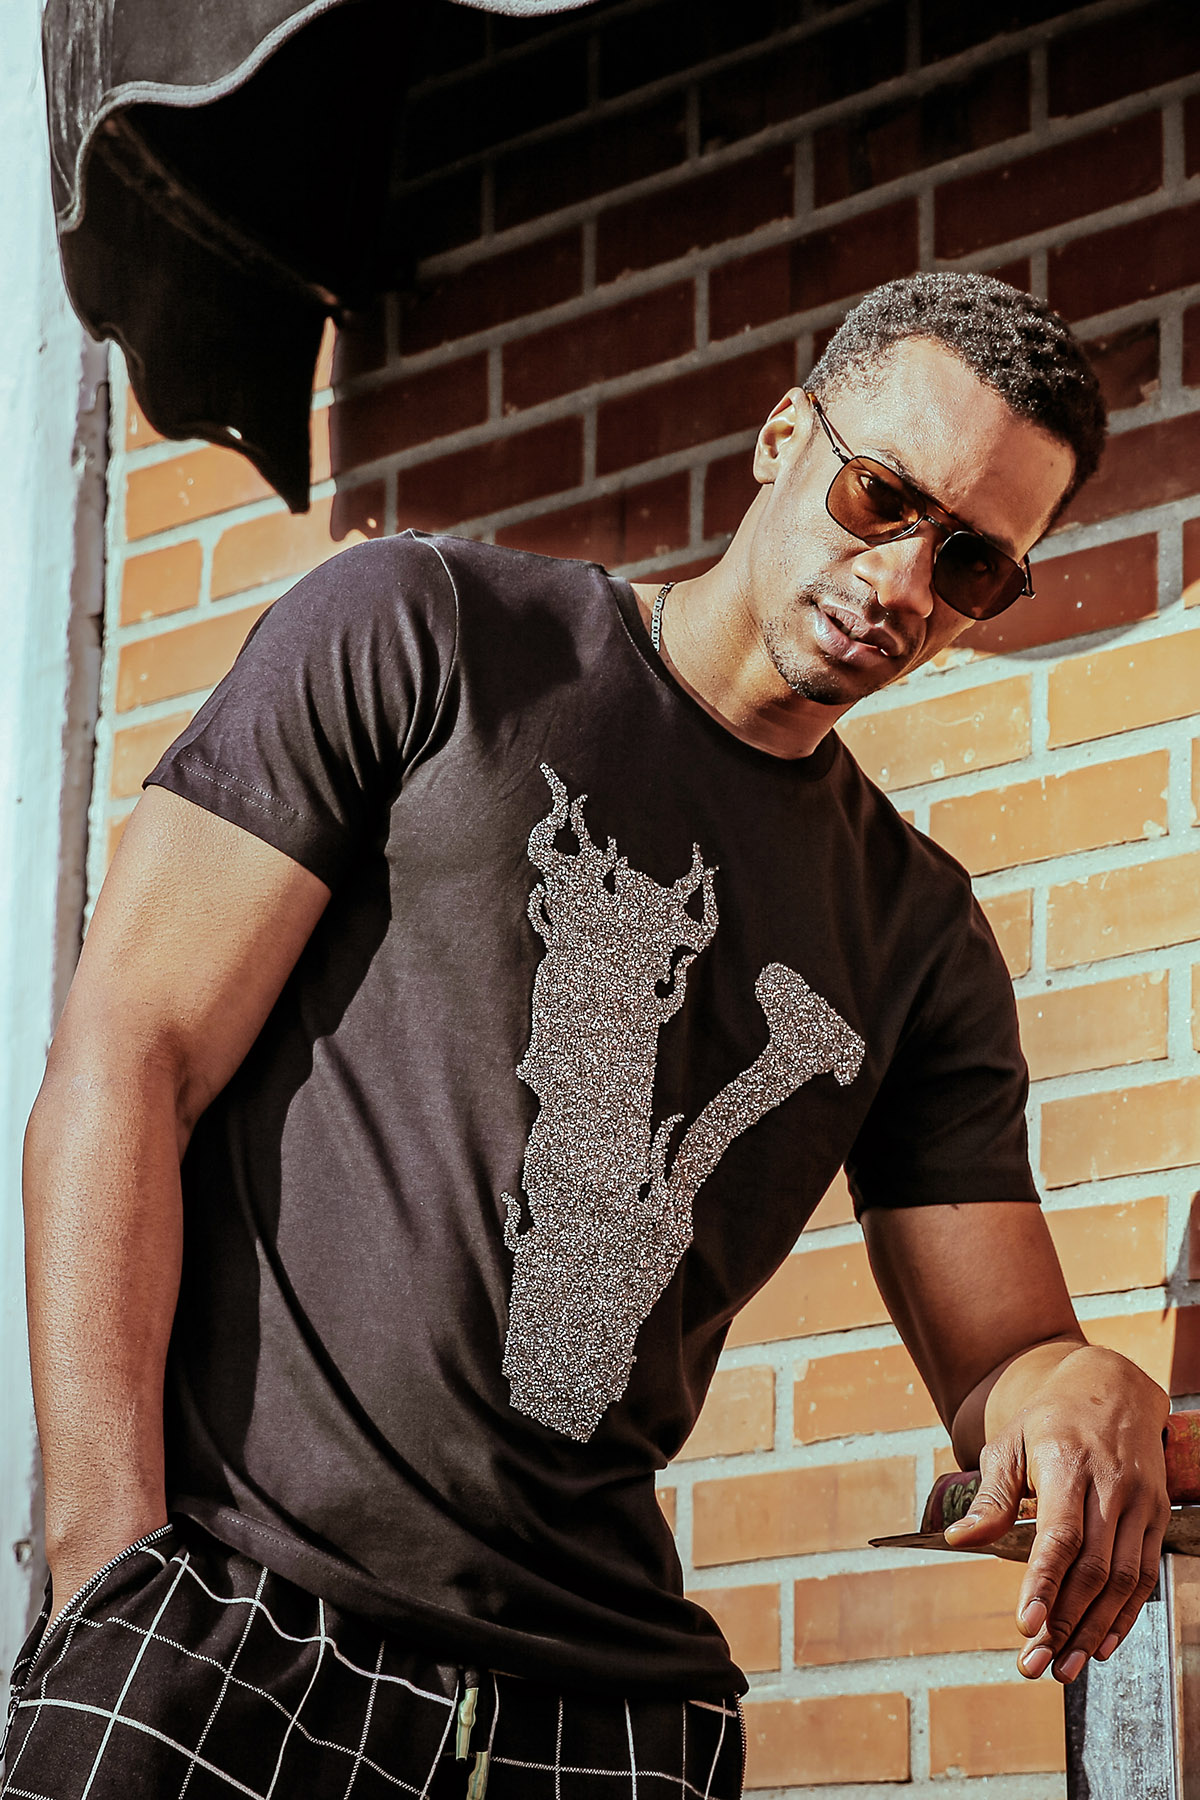 XHAN - Siyah Taşlı T-Shirt 1KXE1-44588-02